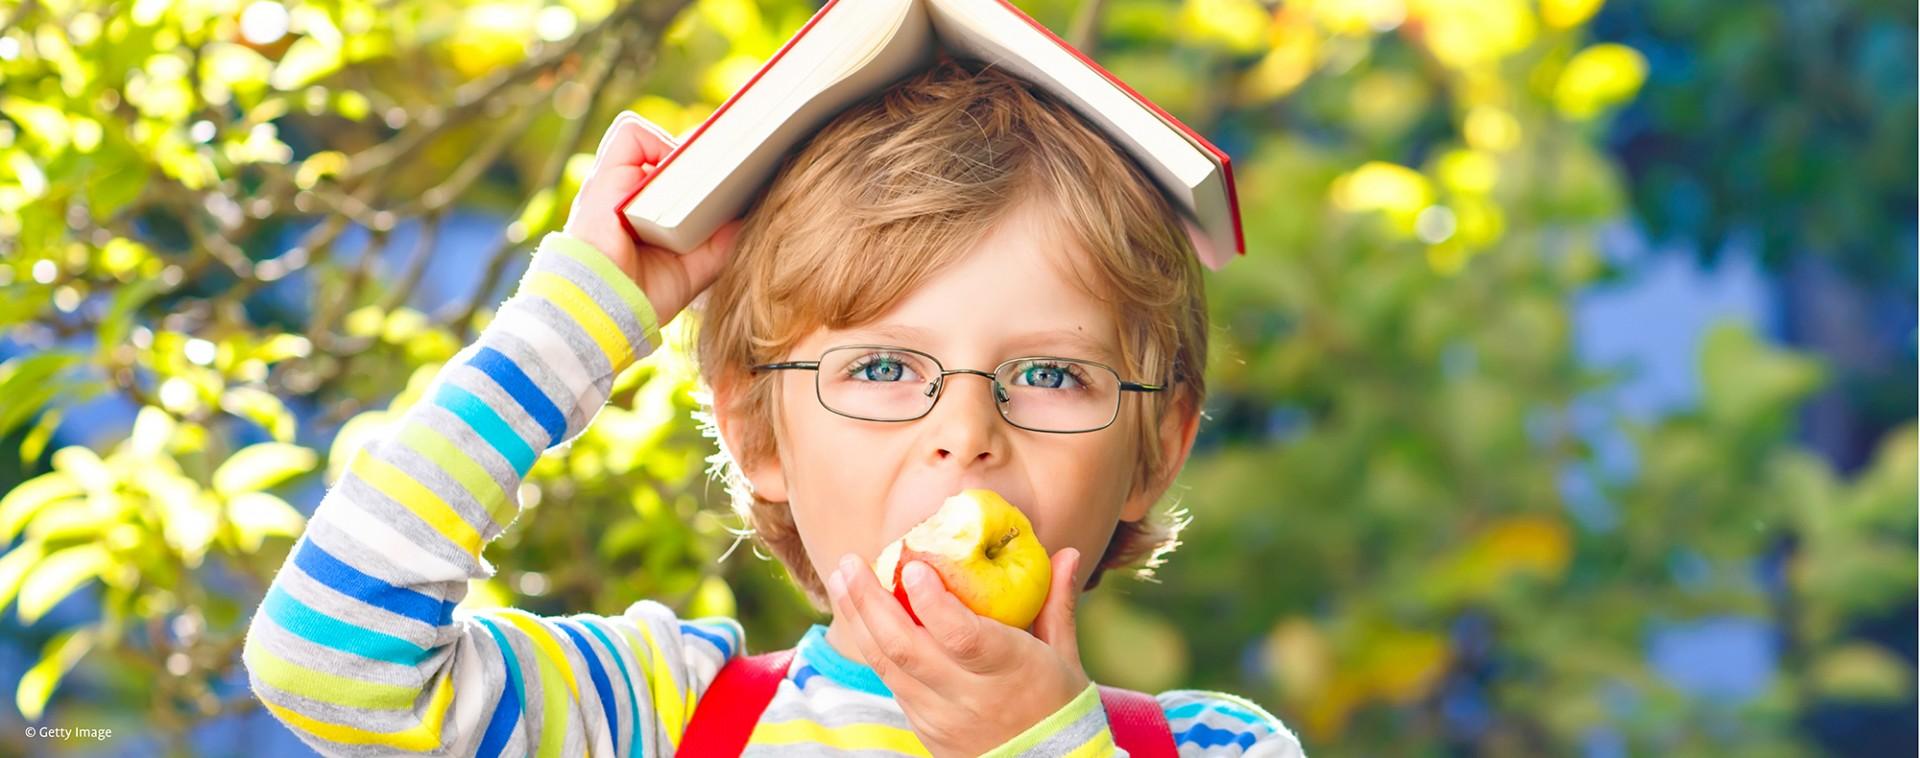 Verlaat de schoolbanken en leer door te ontdekken! | © Getty Images